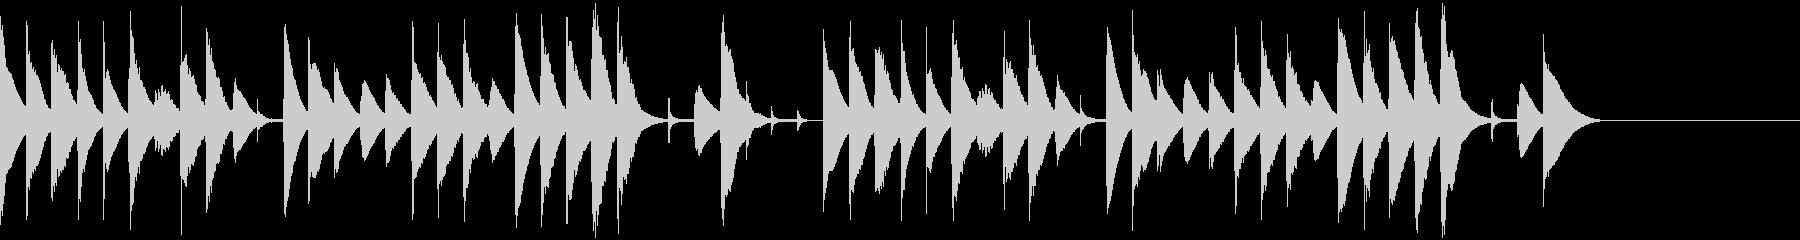 木琴によるほのぼのとした雰囲気のBGMの未再生の波形